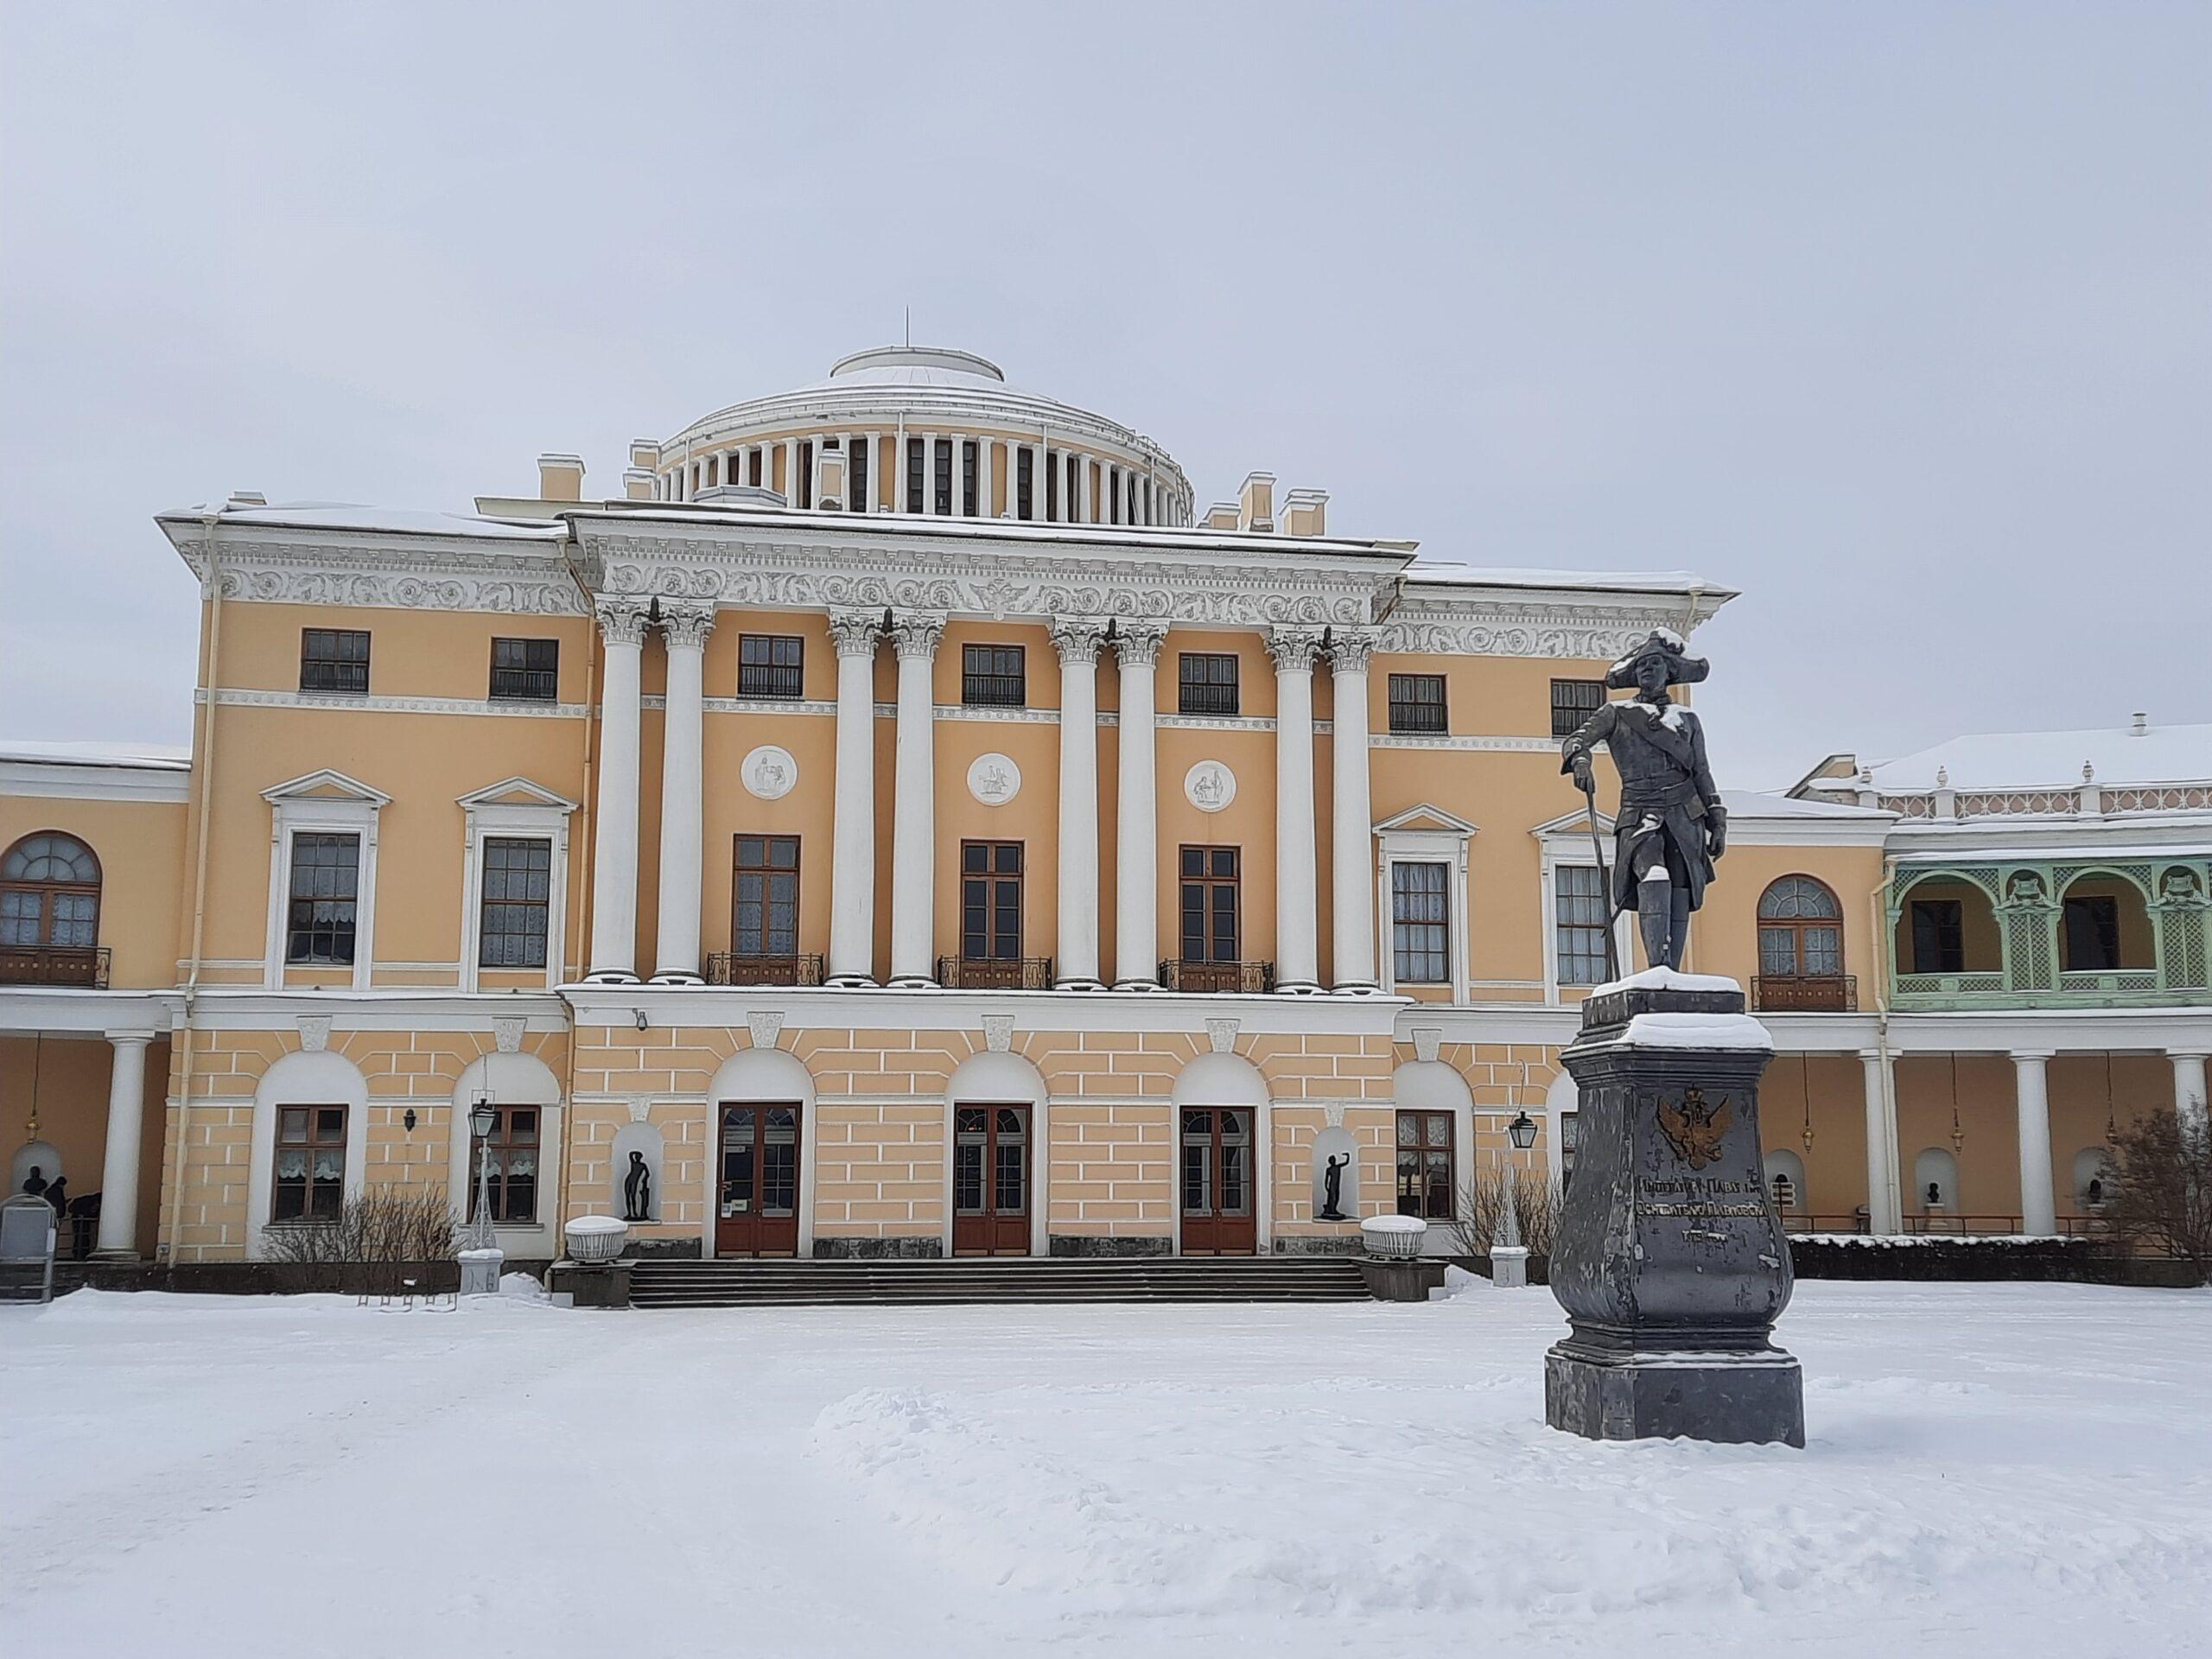 20210220 133748 scaled - Distrito de São Petersburgo